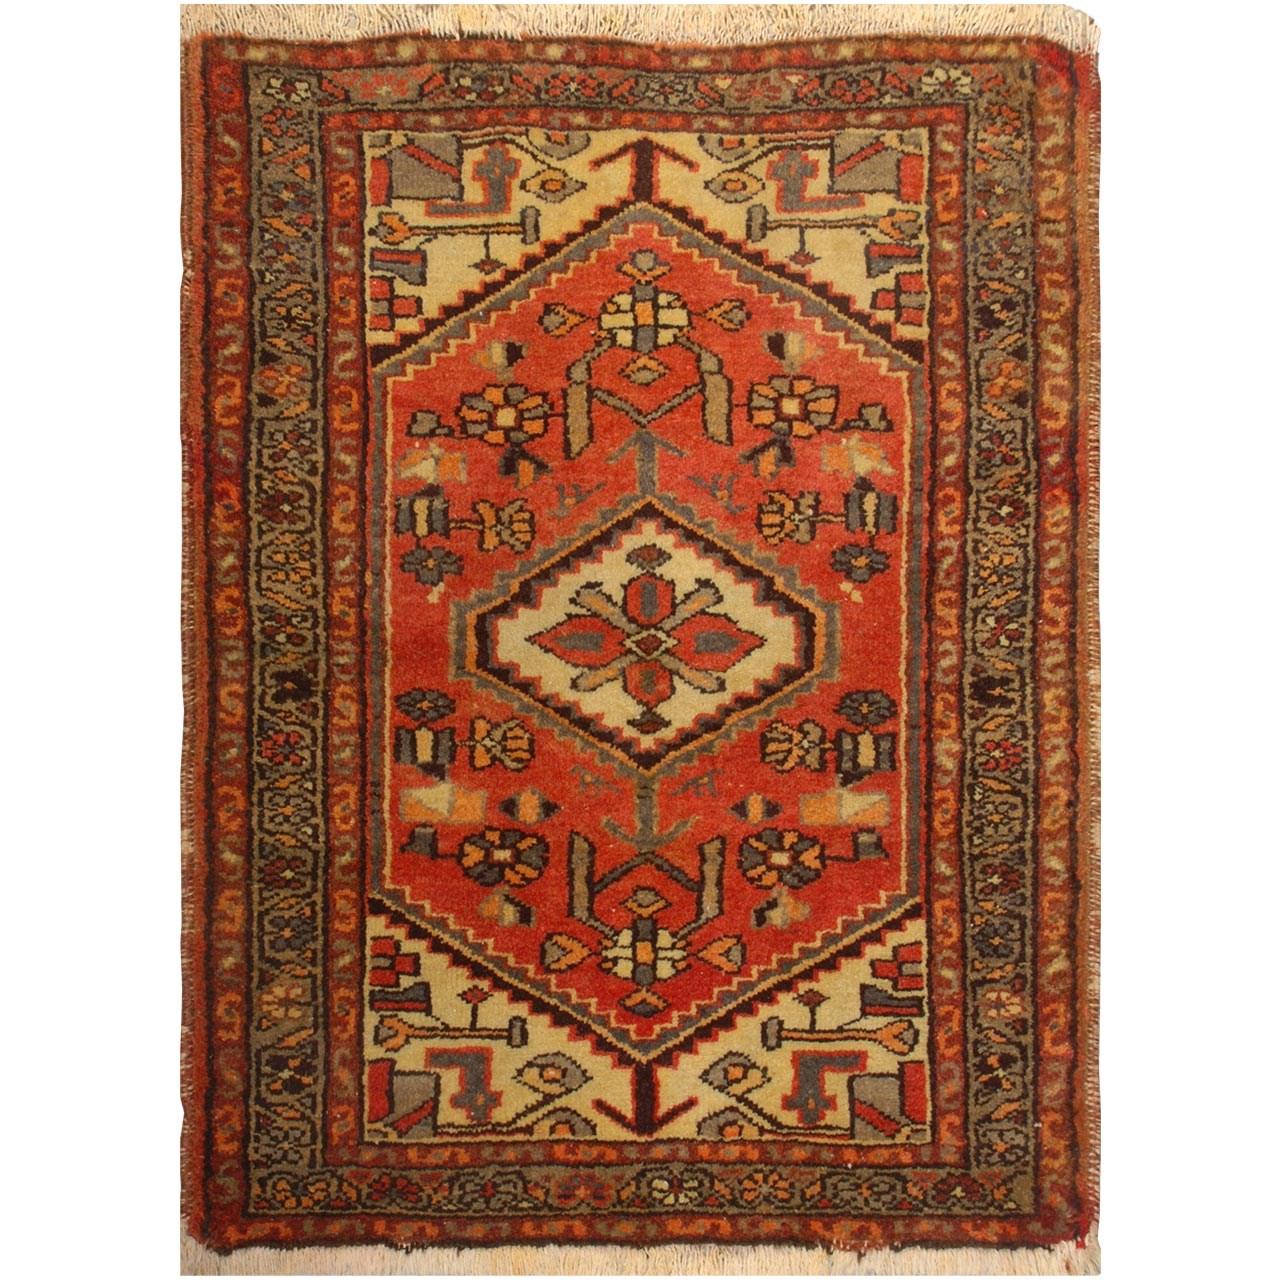 پادری دستبافت قدیمی نیم متری فرش هریس کد 100478